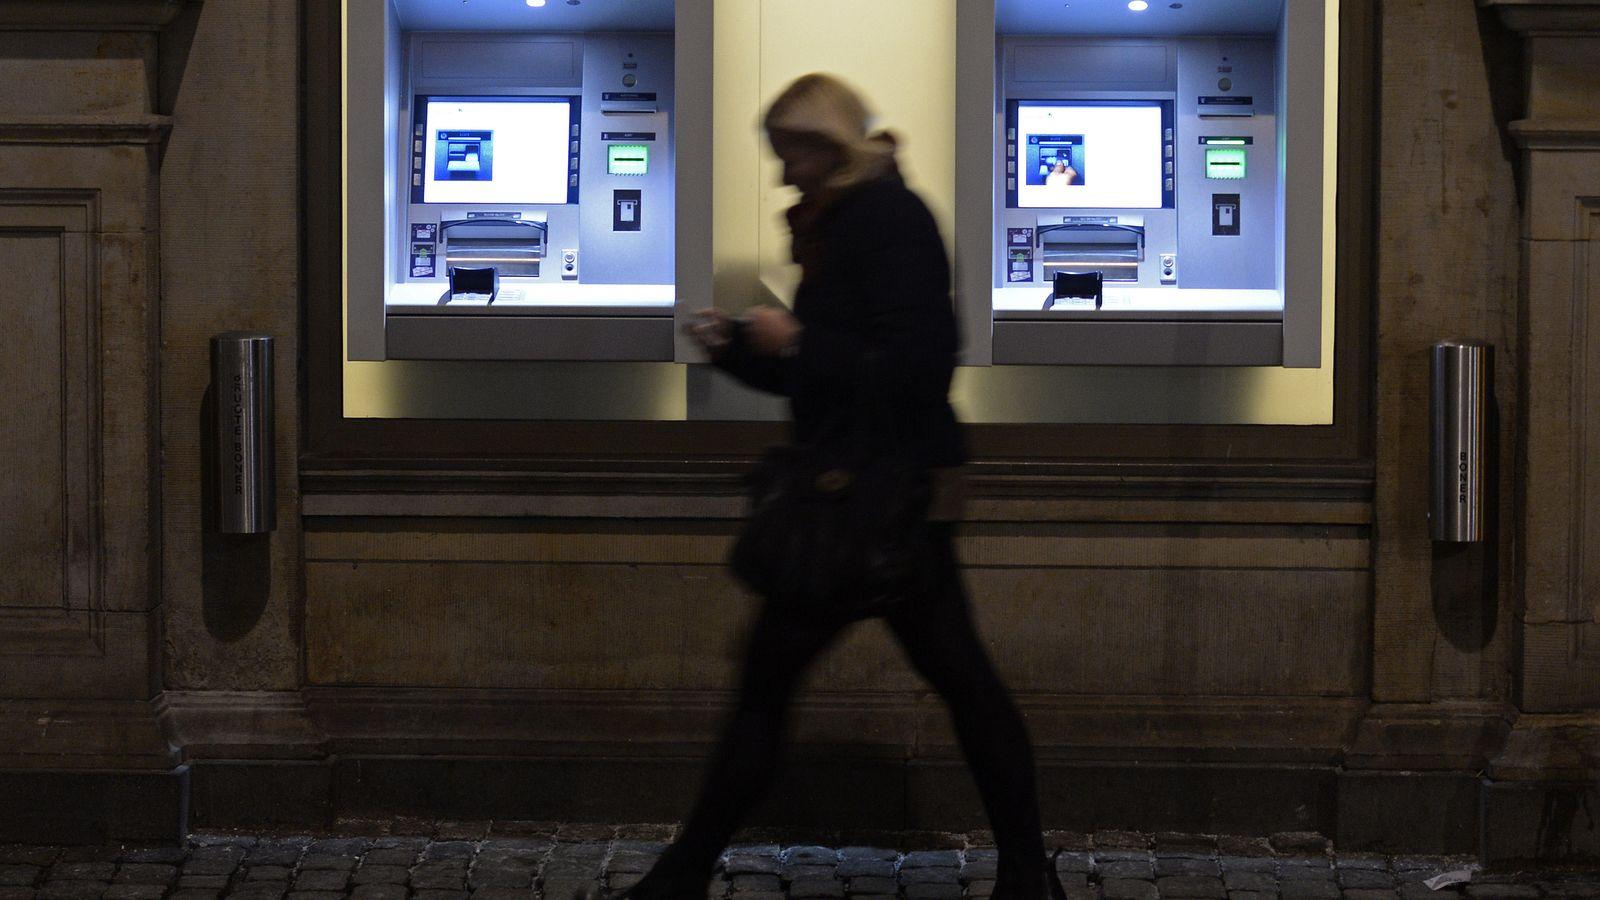 Foto: Una mujer pasa por delante de dos cajeros automáticos en Copenhague, Dinamarca, el 22 de enero de 2015 (Reuters)